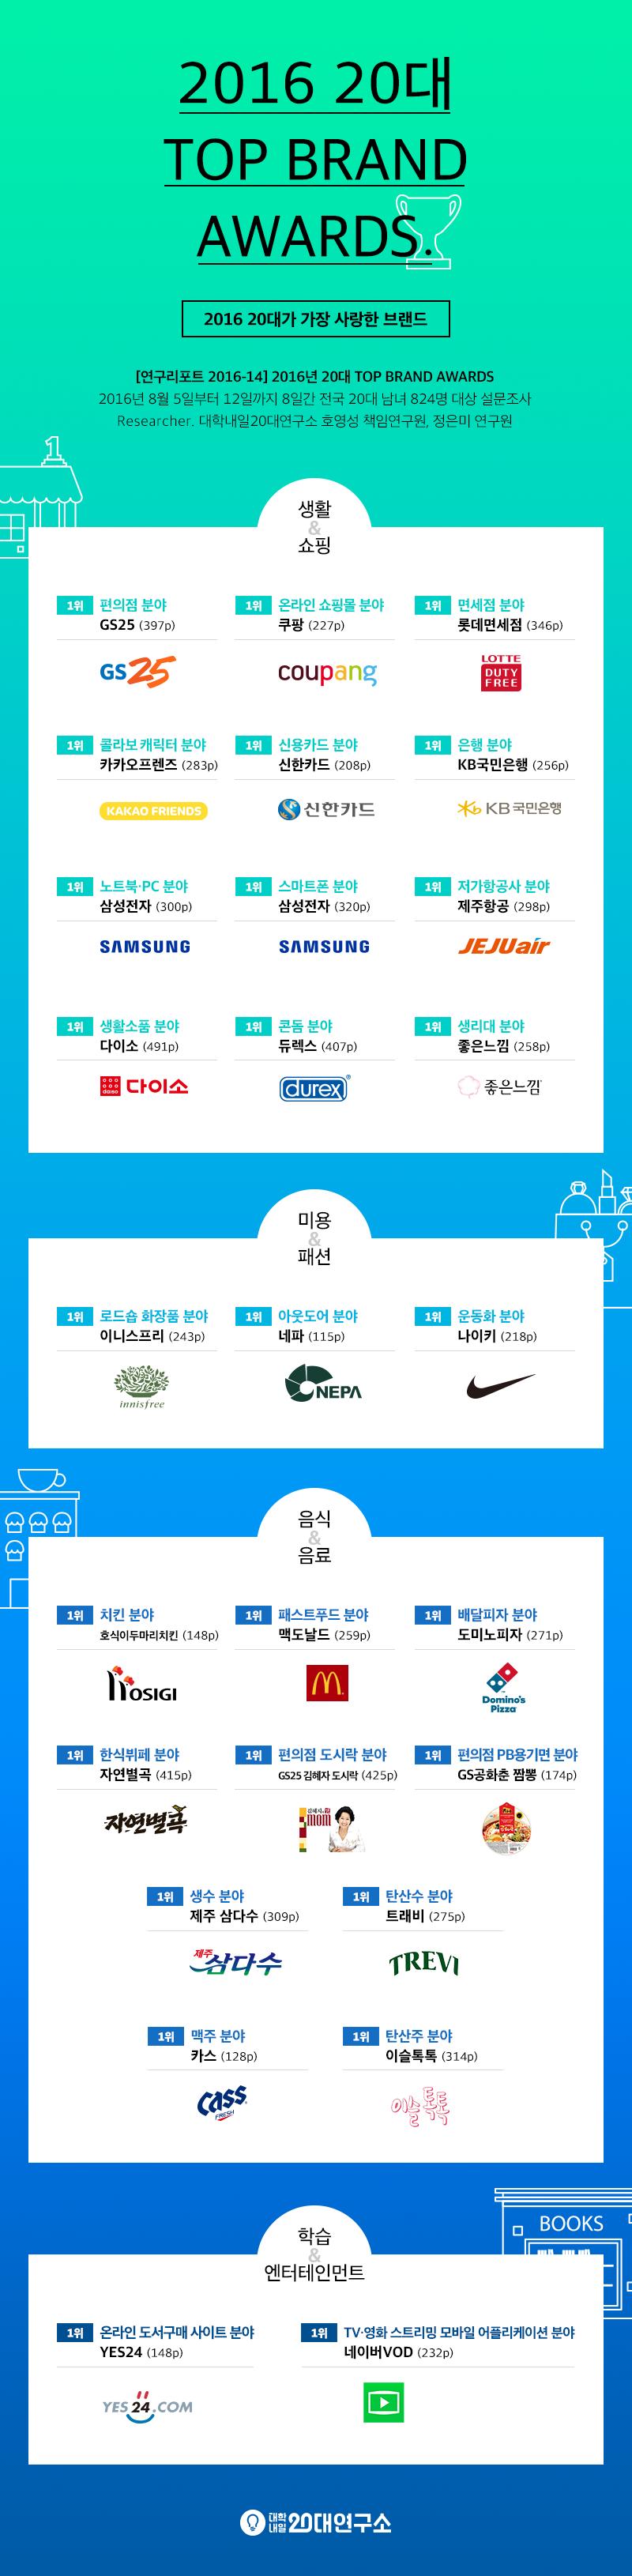 2016_20s_topbrandawards_korea